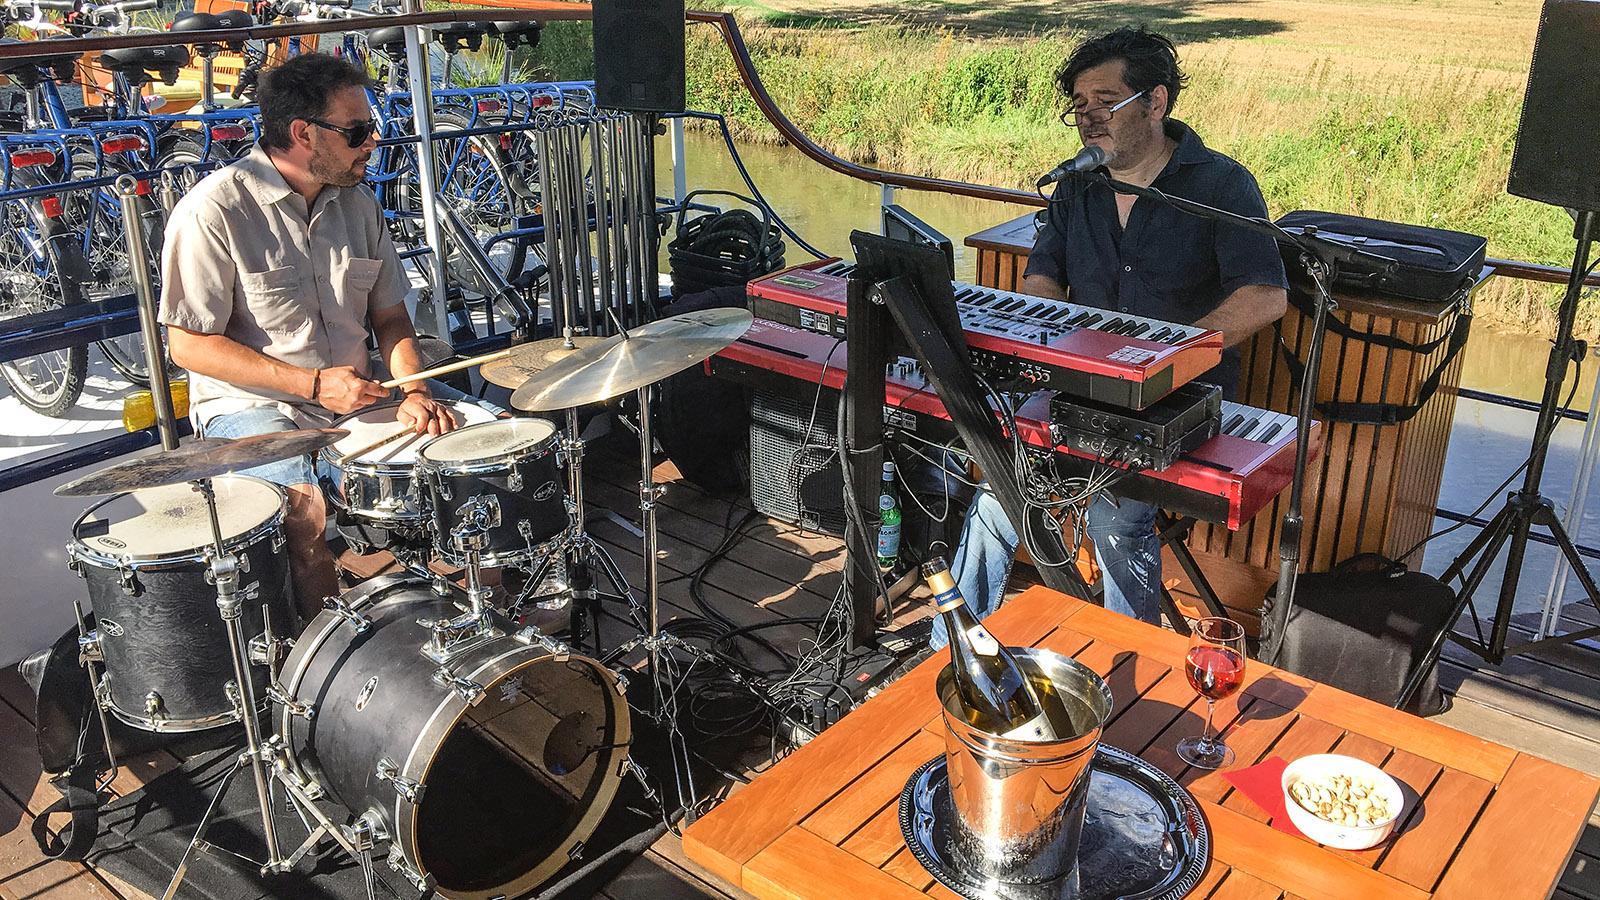 Livemusik zum Apero. Foto: Hilke Maunder